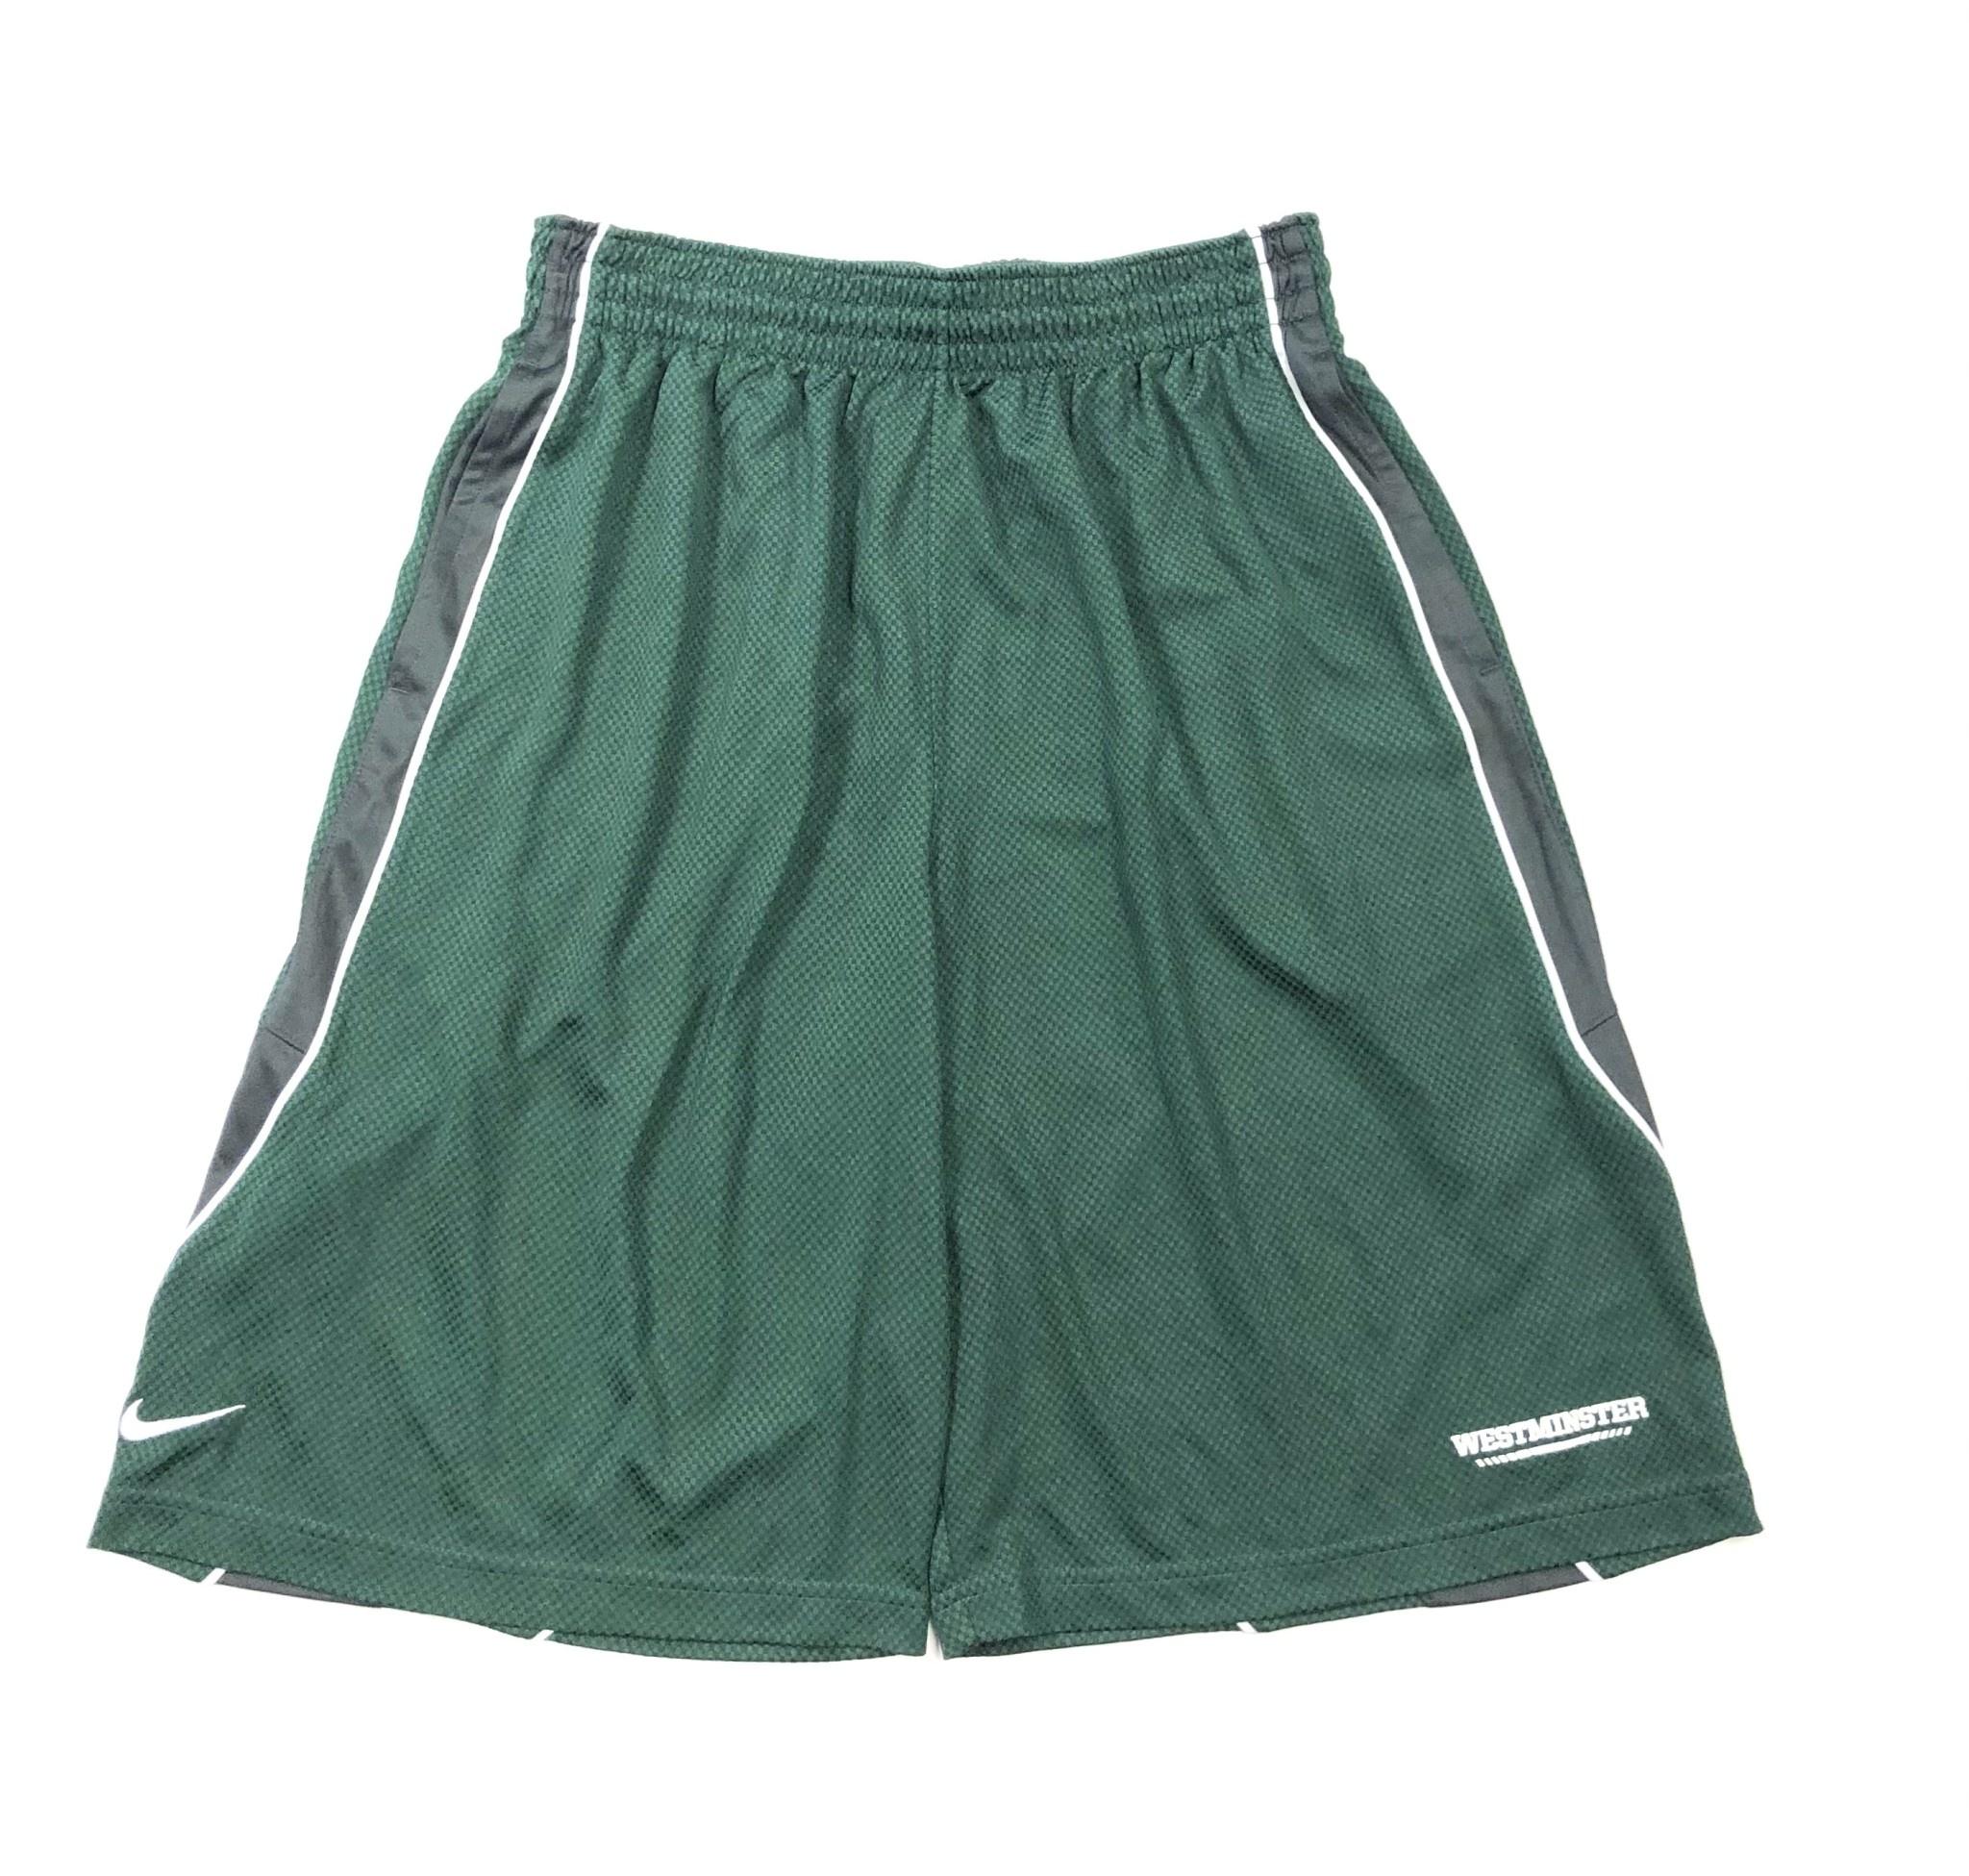 Nike Shorts: Nike Fadeaway  - Green